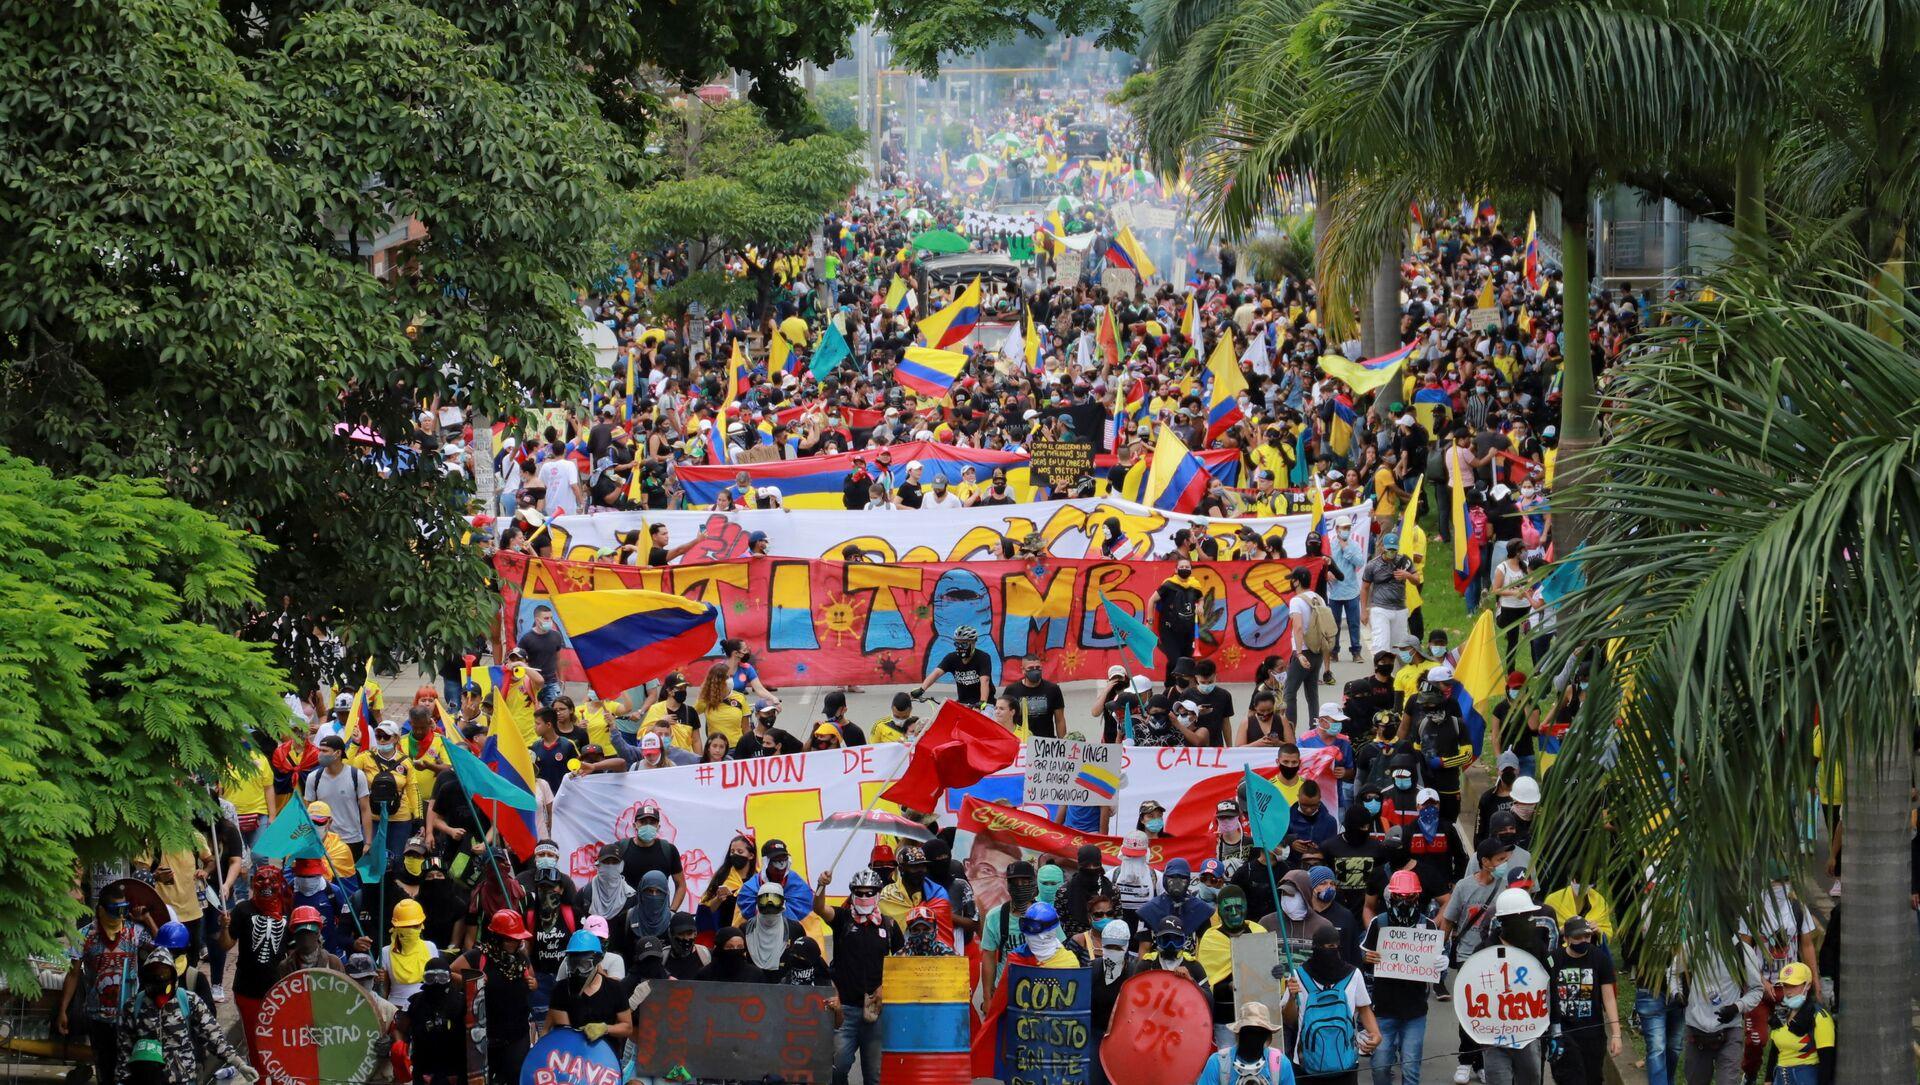 Protest u Kaliju, u Kolumbiji - Sputnik Srbija, 1920, 30.05.2021